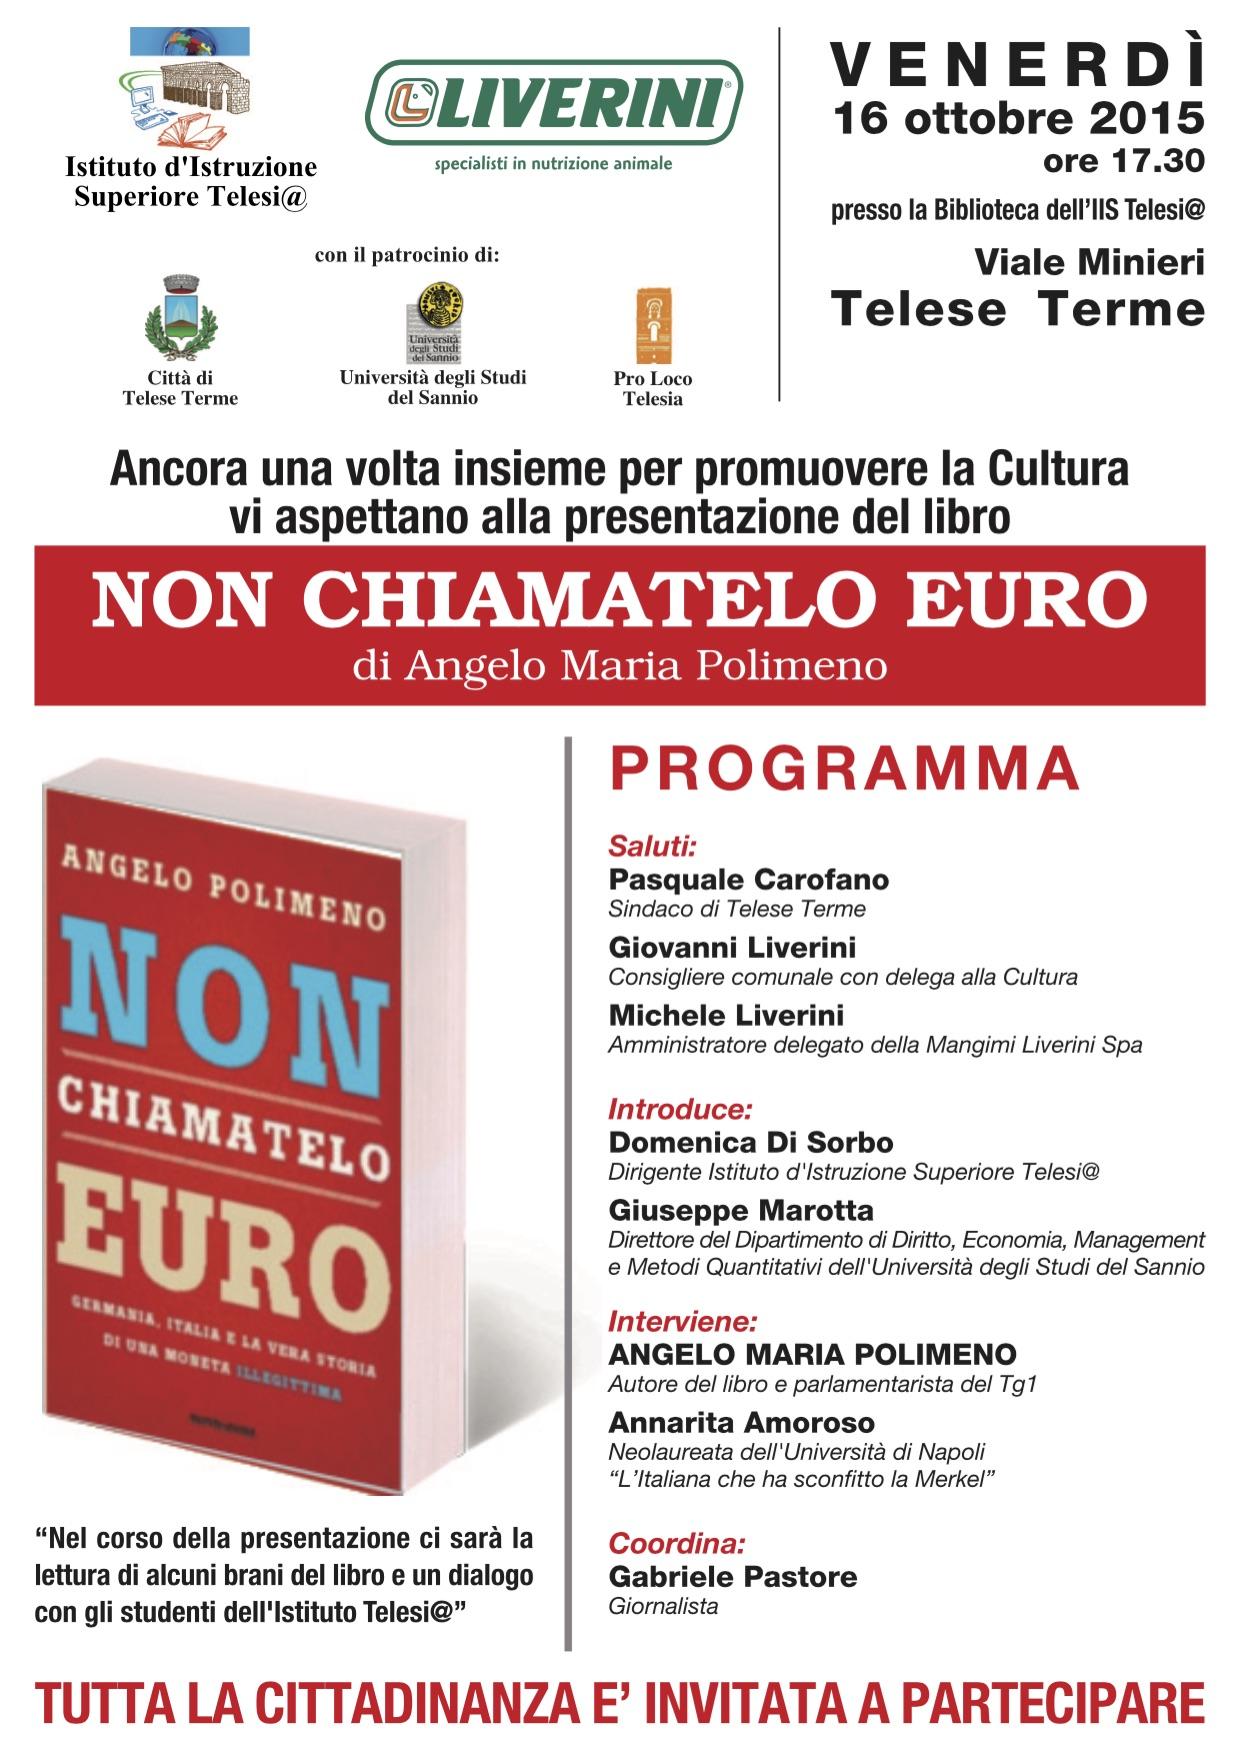 Presentazione all'Istituto Telesi@ del libro 'Non chiamatelo euro' di Angelo Maria Polimeno